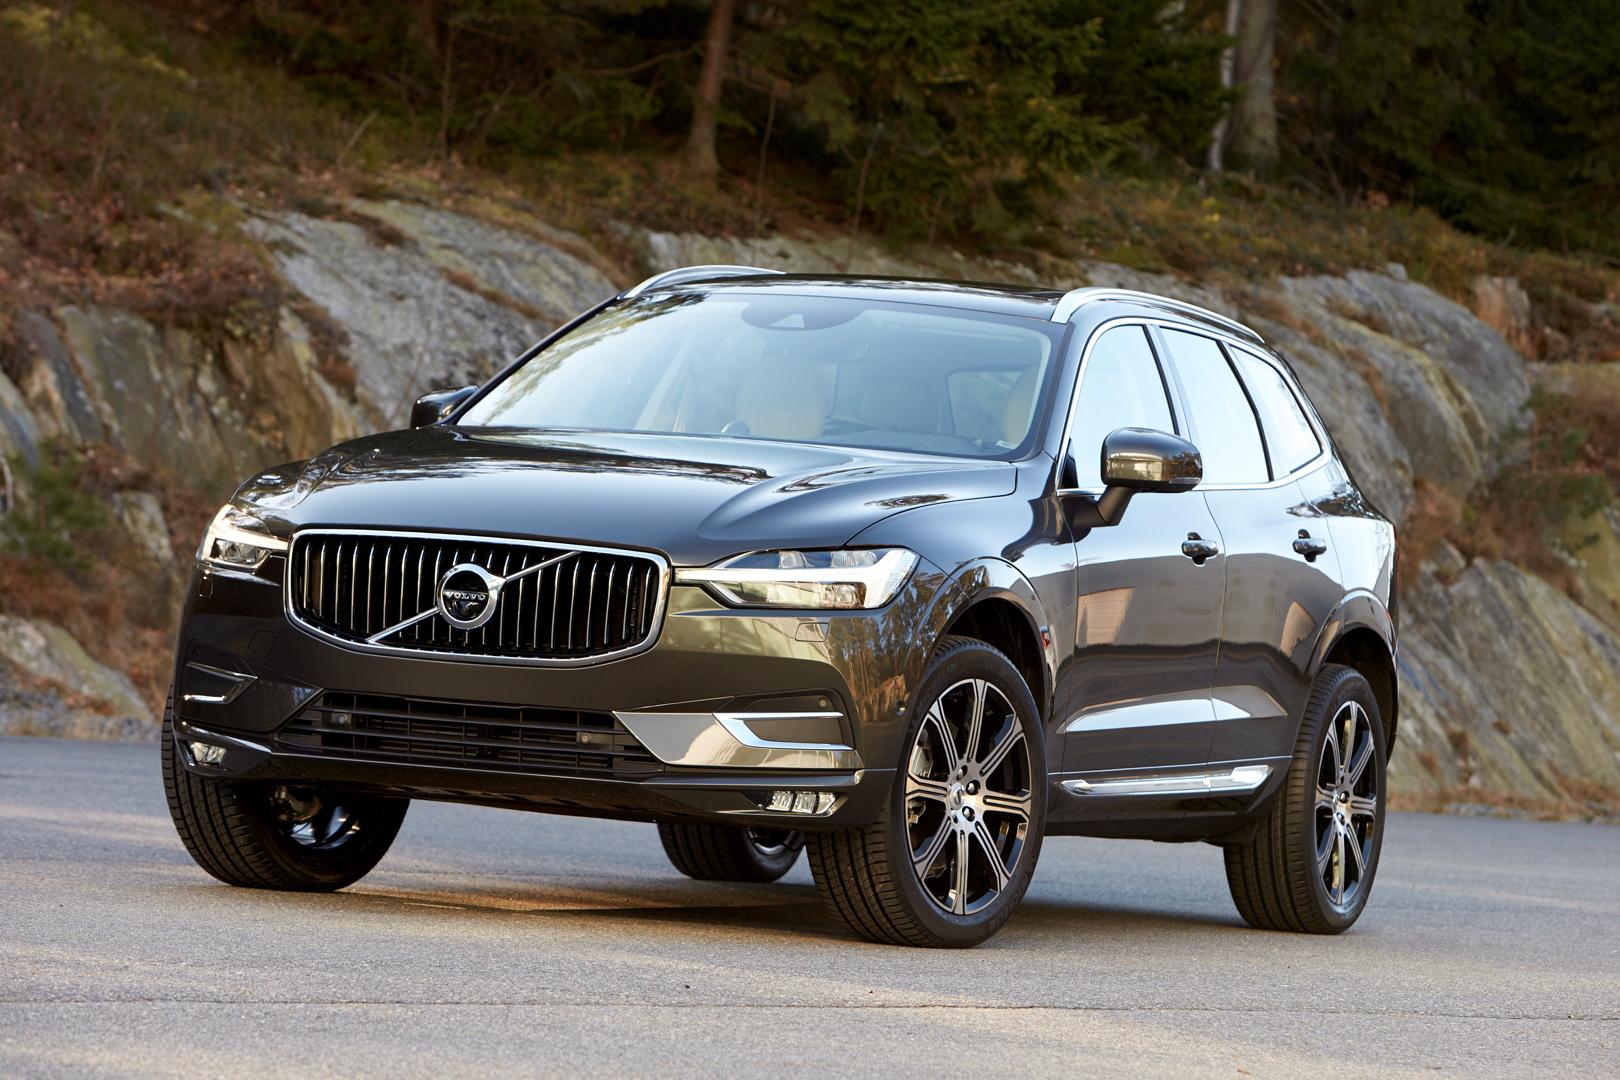 205023_The_new_Volvo_XC60